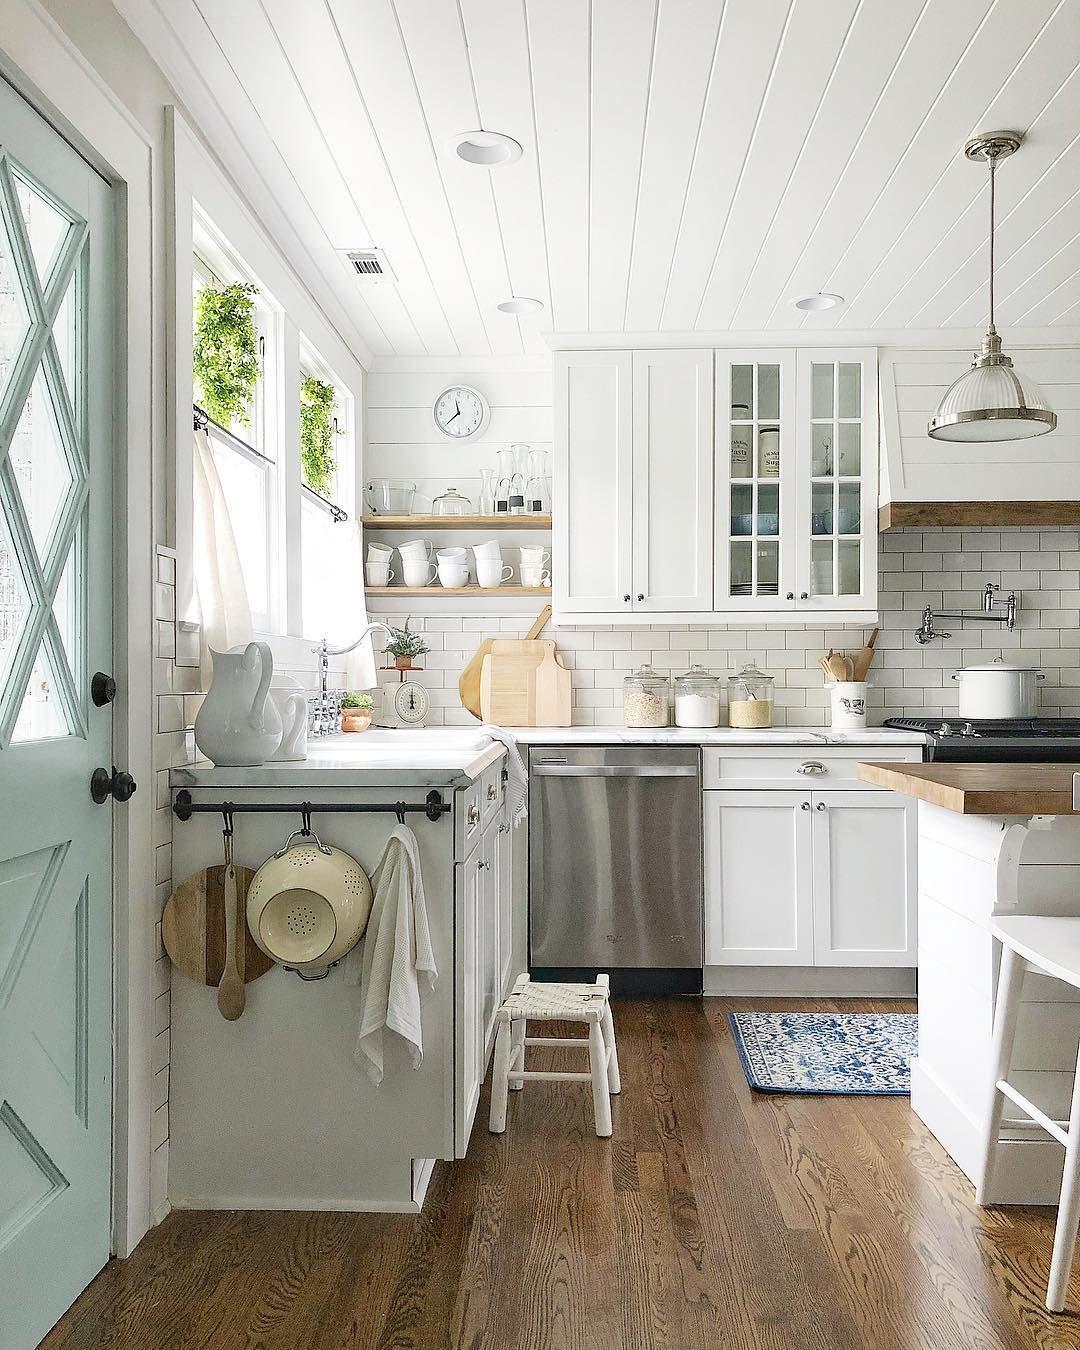 Pin by Debora Gabriel on Kitchen | Pinterest | Kitchens, Cottage ...